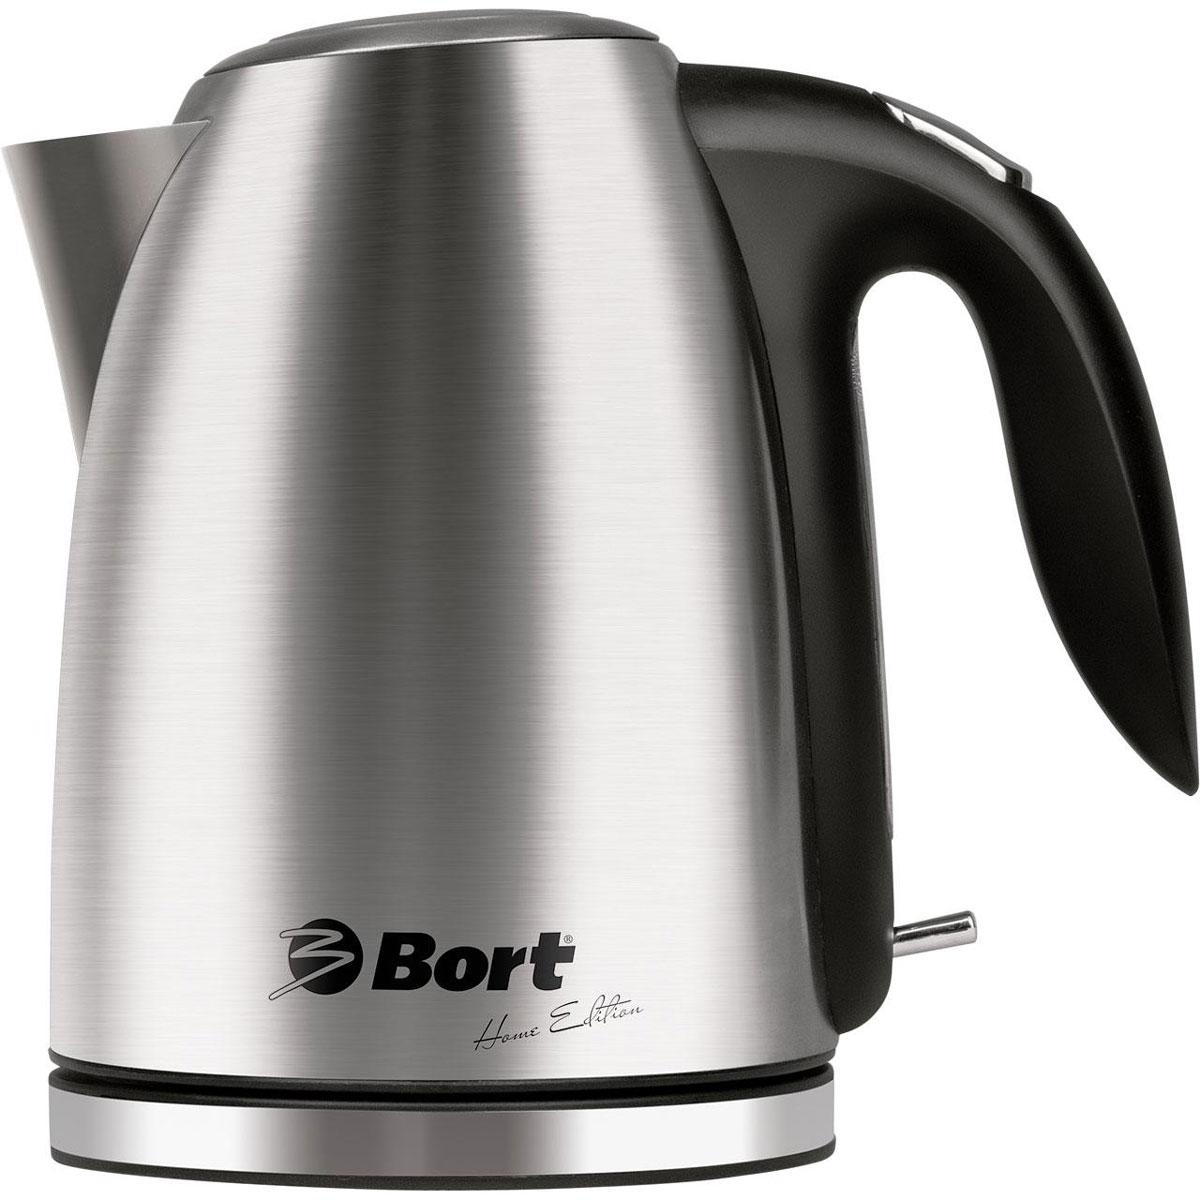 Bort BWK-2017M-L чайник электрический91276766Чайник Bort BWK-2017M-L, выполненный из нержавеющей стали, станет настоящим украшением кухни. Он отличается не только отличным внешним видом, но и высоким качеством герметизации и доработанным контроллером. Автоматическое отключение при закипании и предохранитель от включения без воды защитят вас от непредвиденных ситуаций. Мягкая LED подсветка и тщательно проработанный и удобный механизм открывания крышки, расположенный на ручке, являются приятными дополнениями к этому надежному чайнику. Кроме того дляудобства пользования поворотное основание снабжено отсеком для хранения шнура.